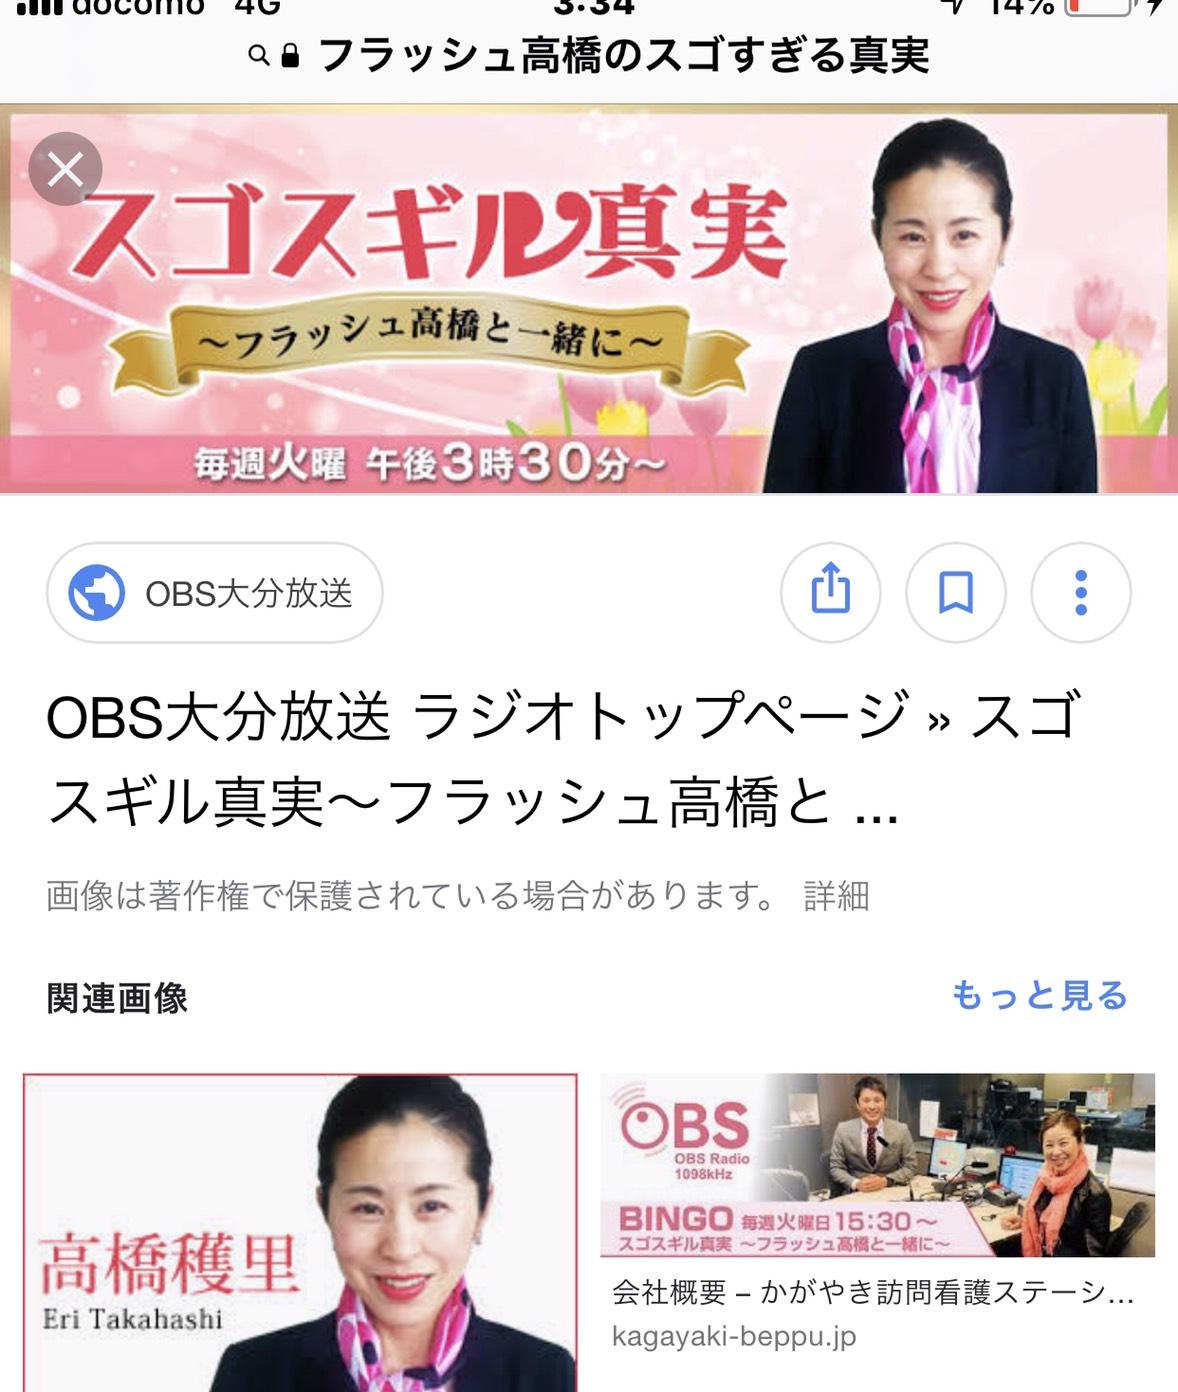 OBSラジオ収録